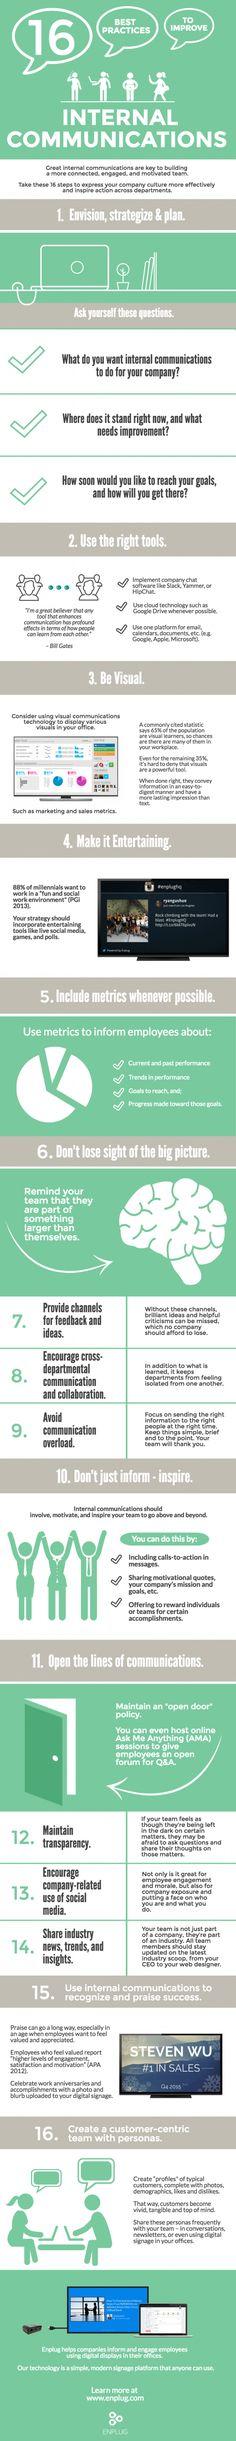 [Infographic] 16 stappen om de interne communicatie te verbeteren - internal communication